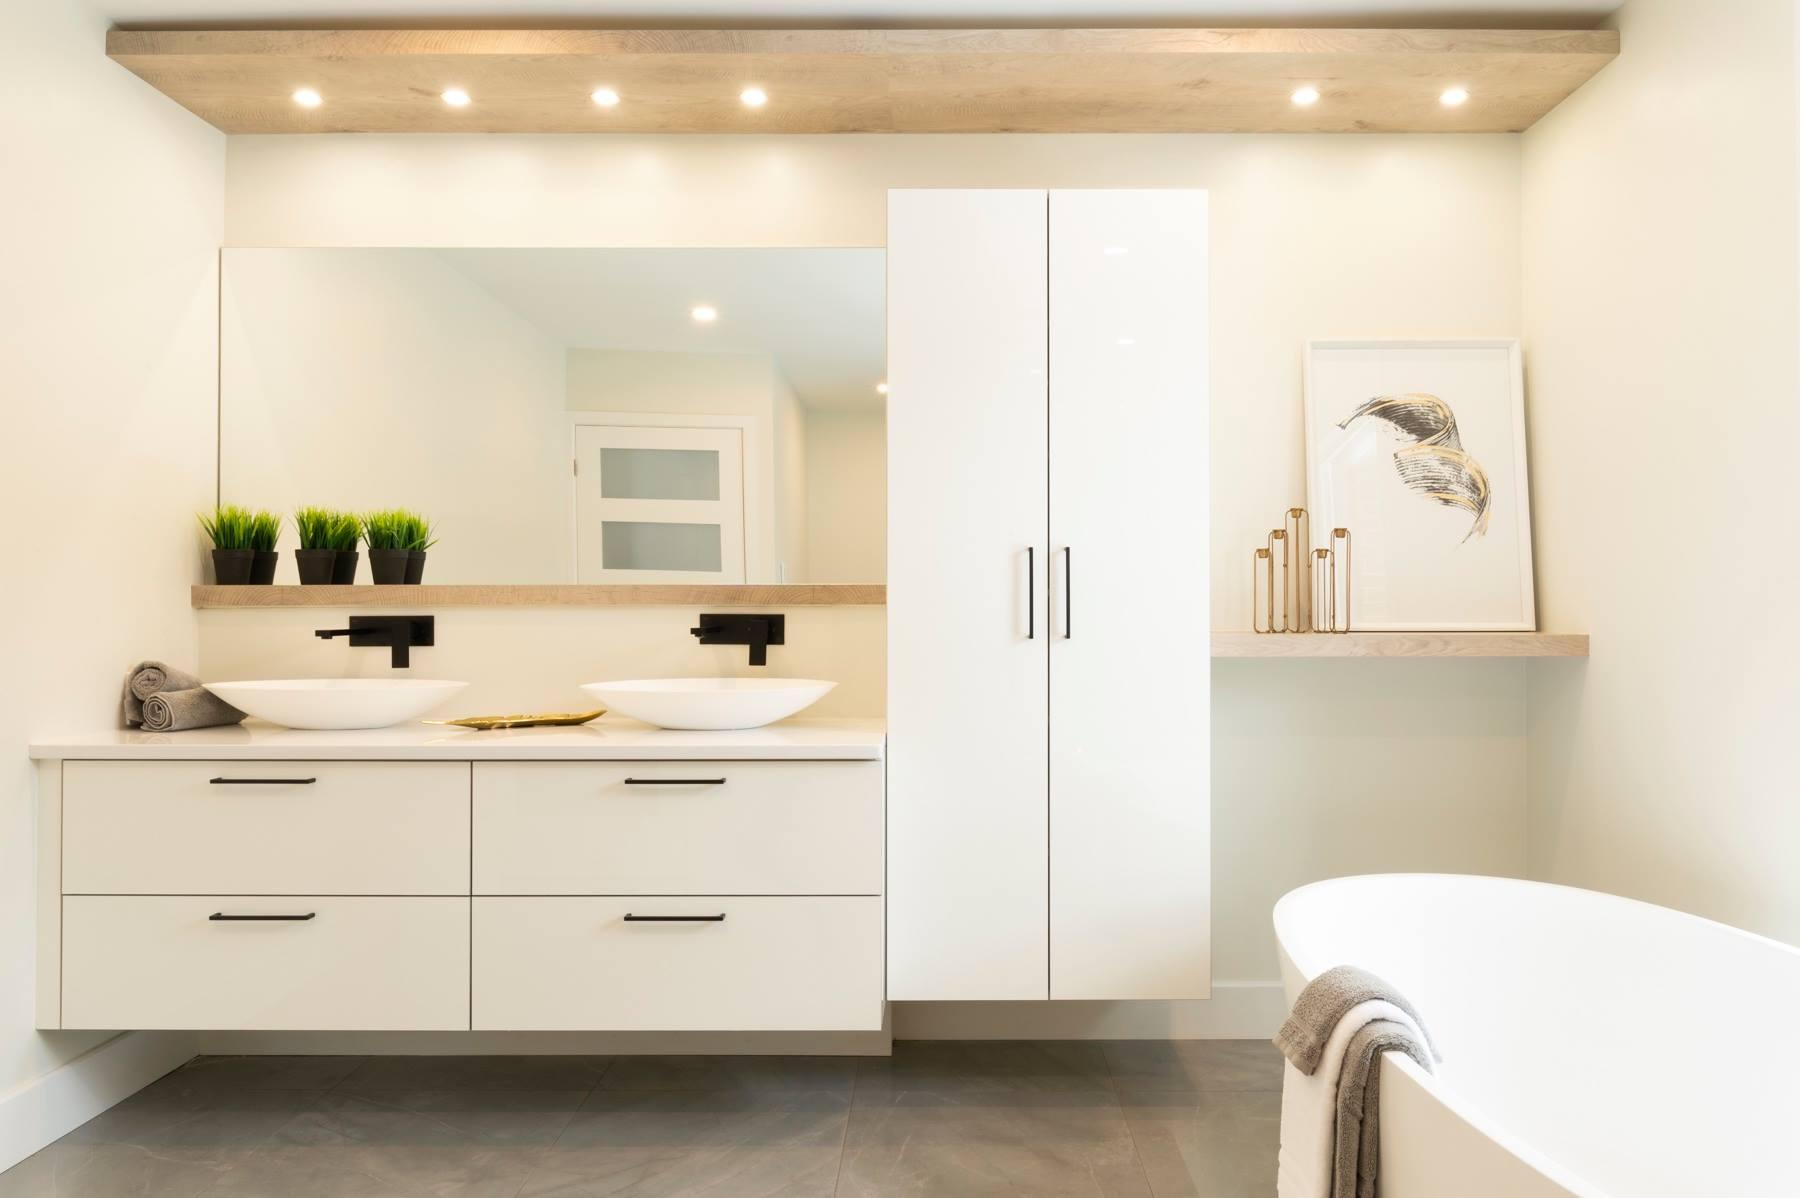 gagnez votre salle de bain avec projet maison expo habitat qu bec. Black Bedroom Furniture Sets. Home Design Ideas